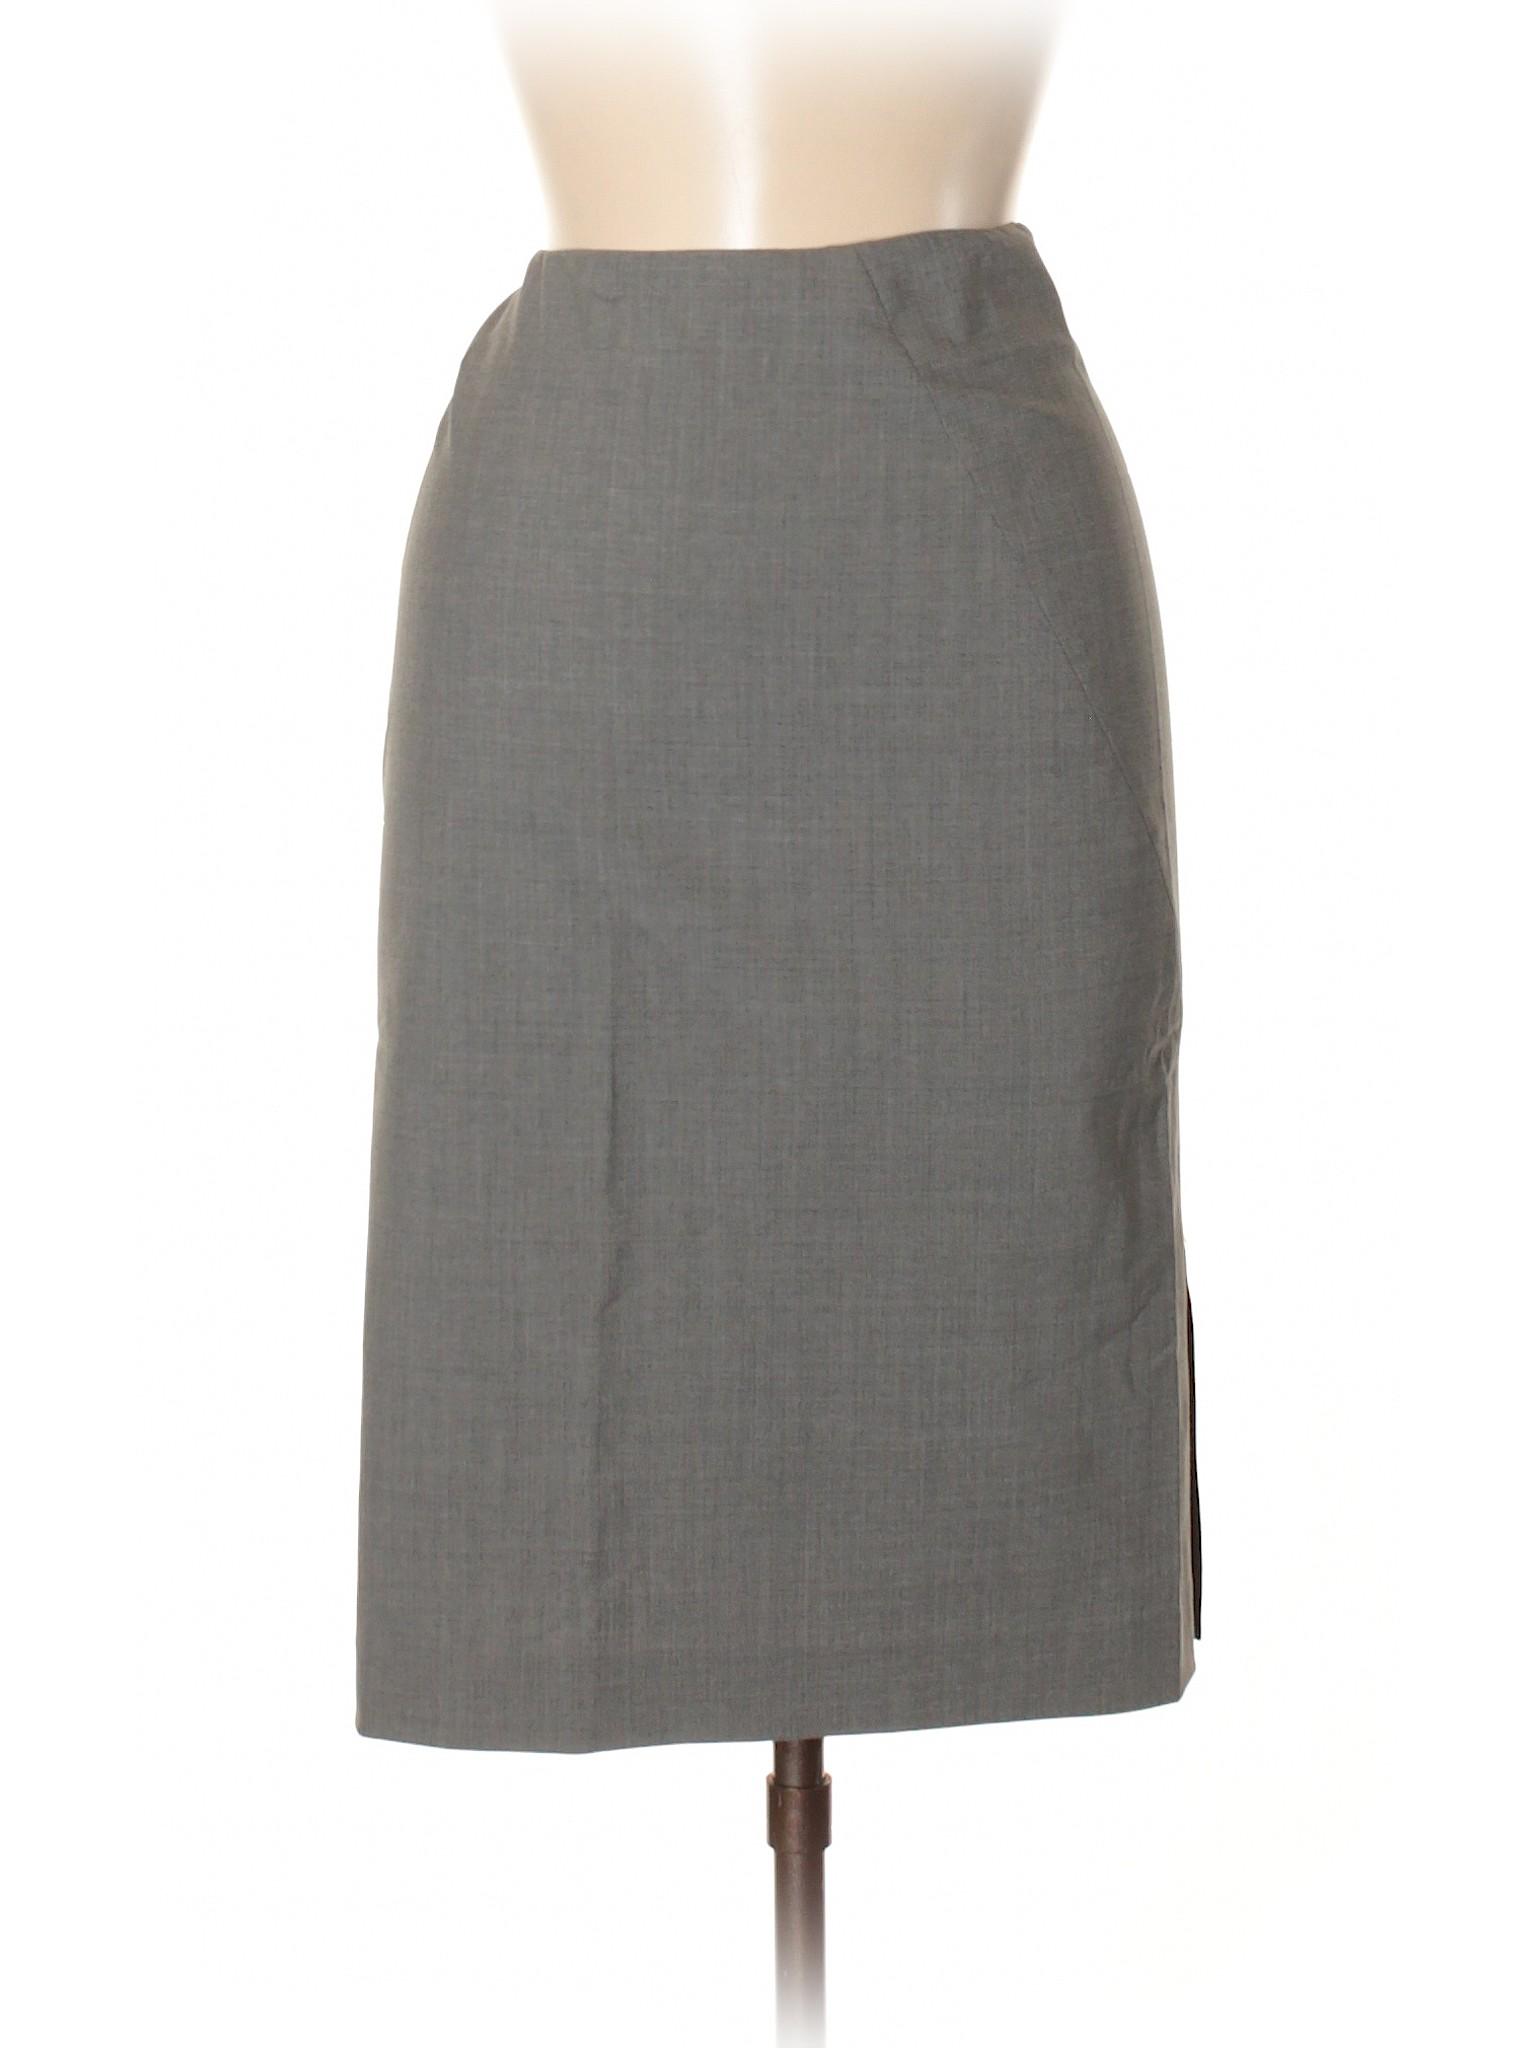 Boutique Wool Skirt Wool Boutique Skirt Skirt Boutique Boutique Boutique Skirt Wool Wool Skirt Skirt Boutique Wool Wool xXxvqAZ